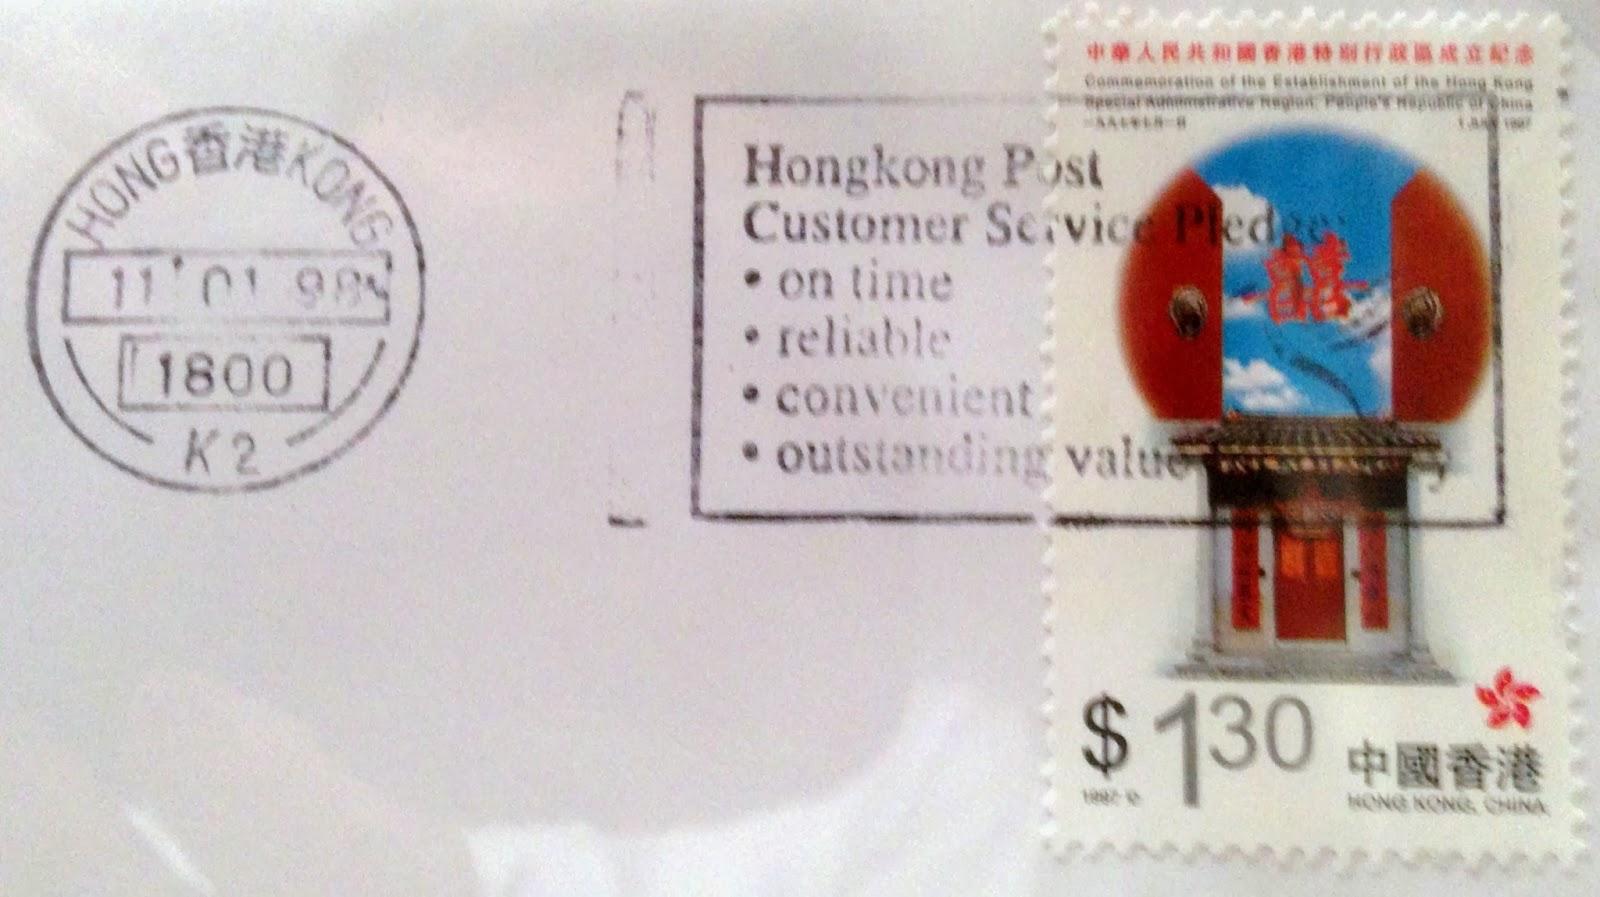 遊郵戳魚: 中國香港宣傳郵戳 - 香港郵政顧客服務承諾 CHK1998-01